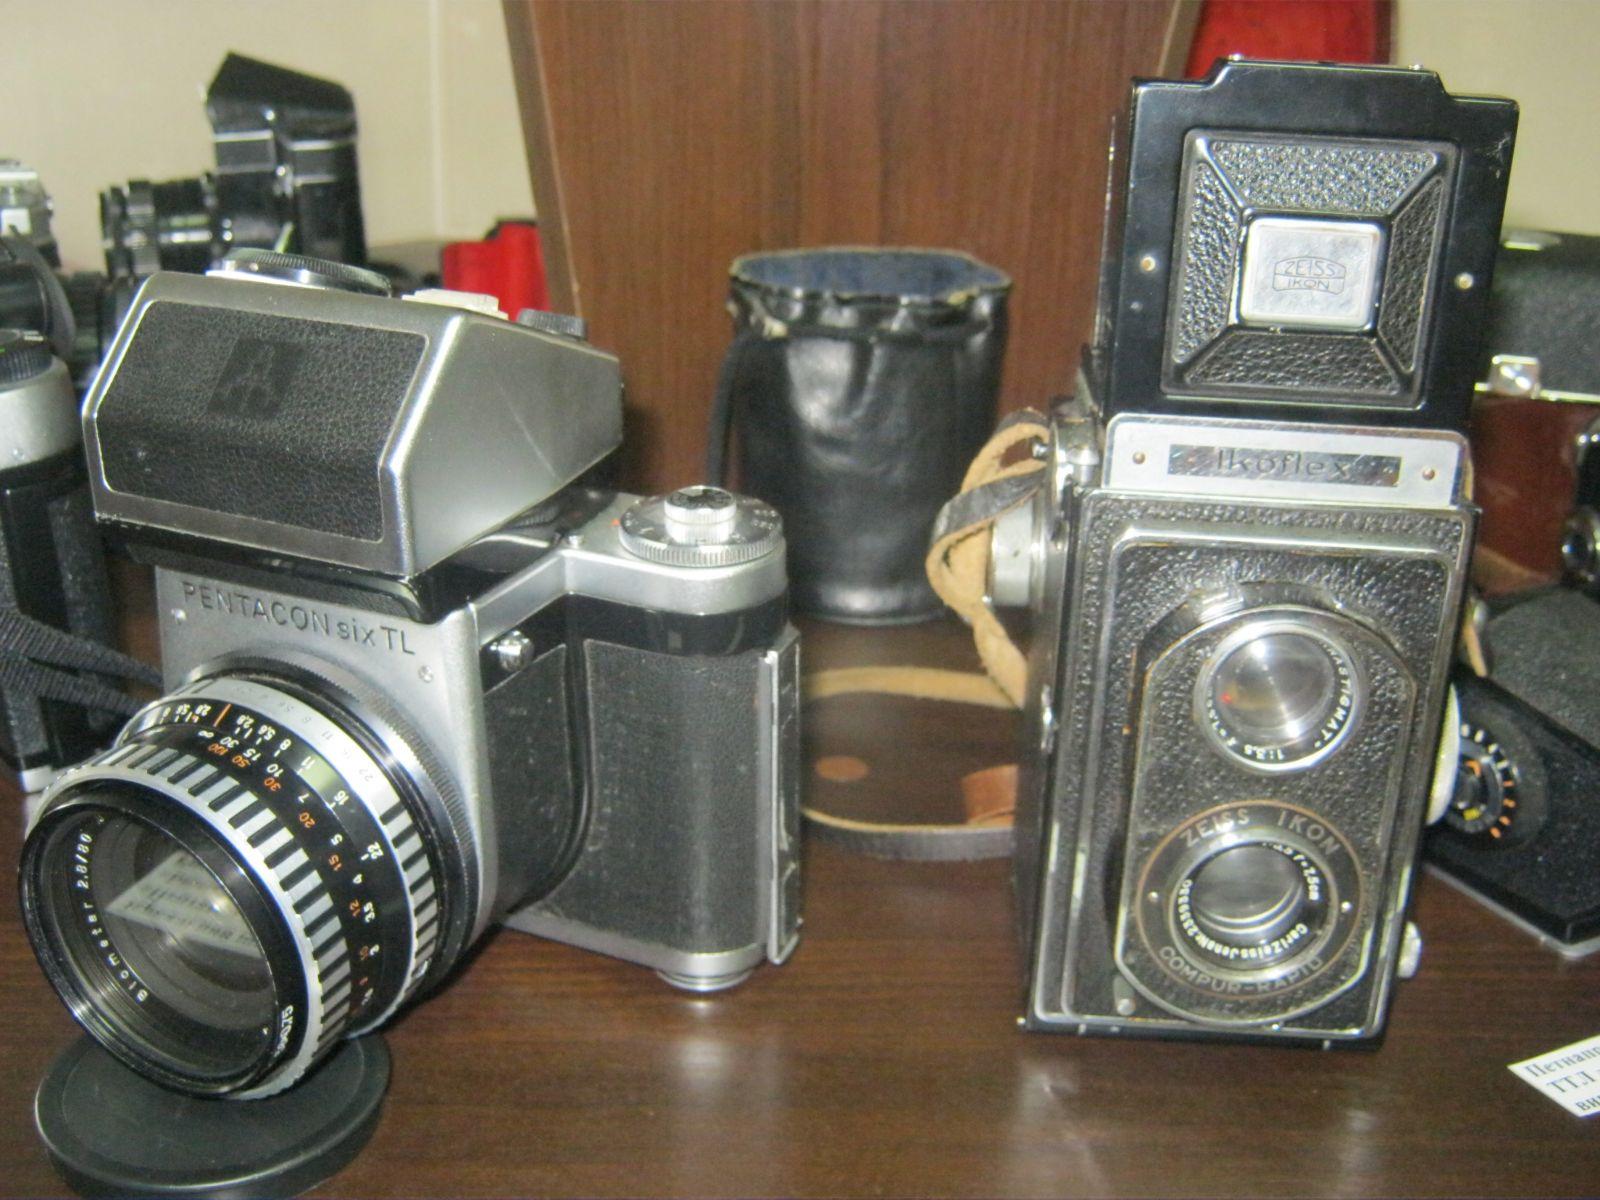 Ремонт фотоаппаратов фуджи в москве своей жизни